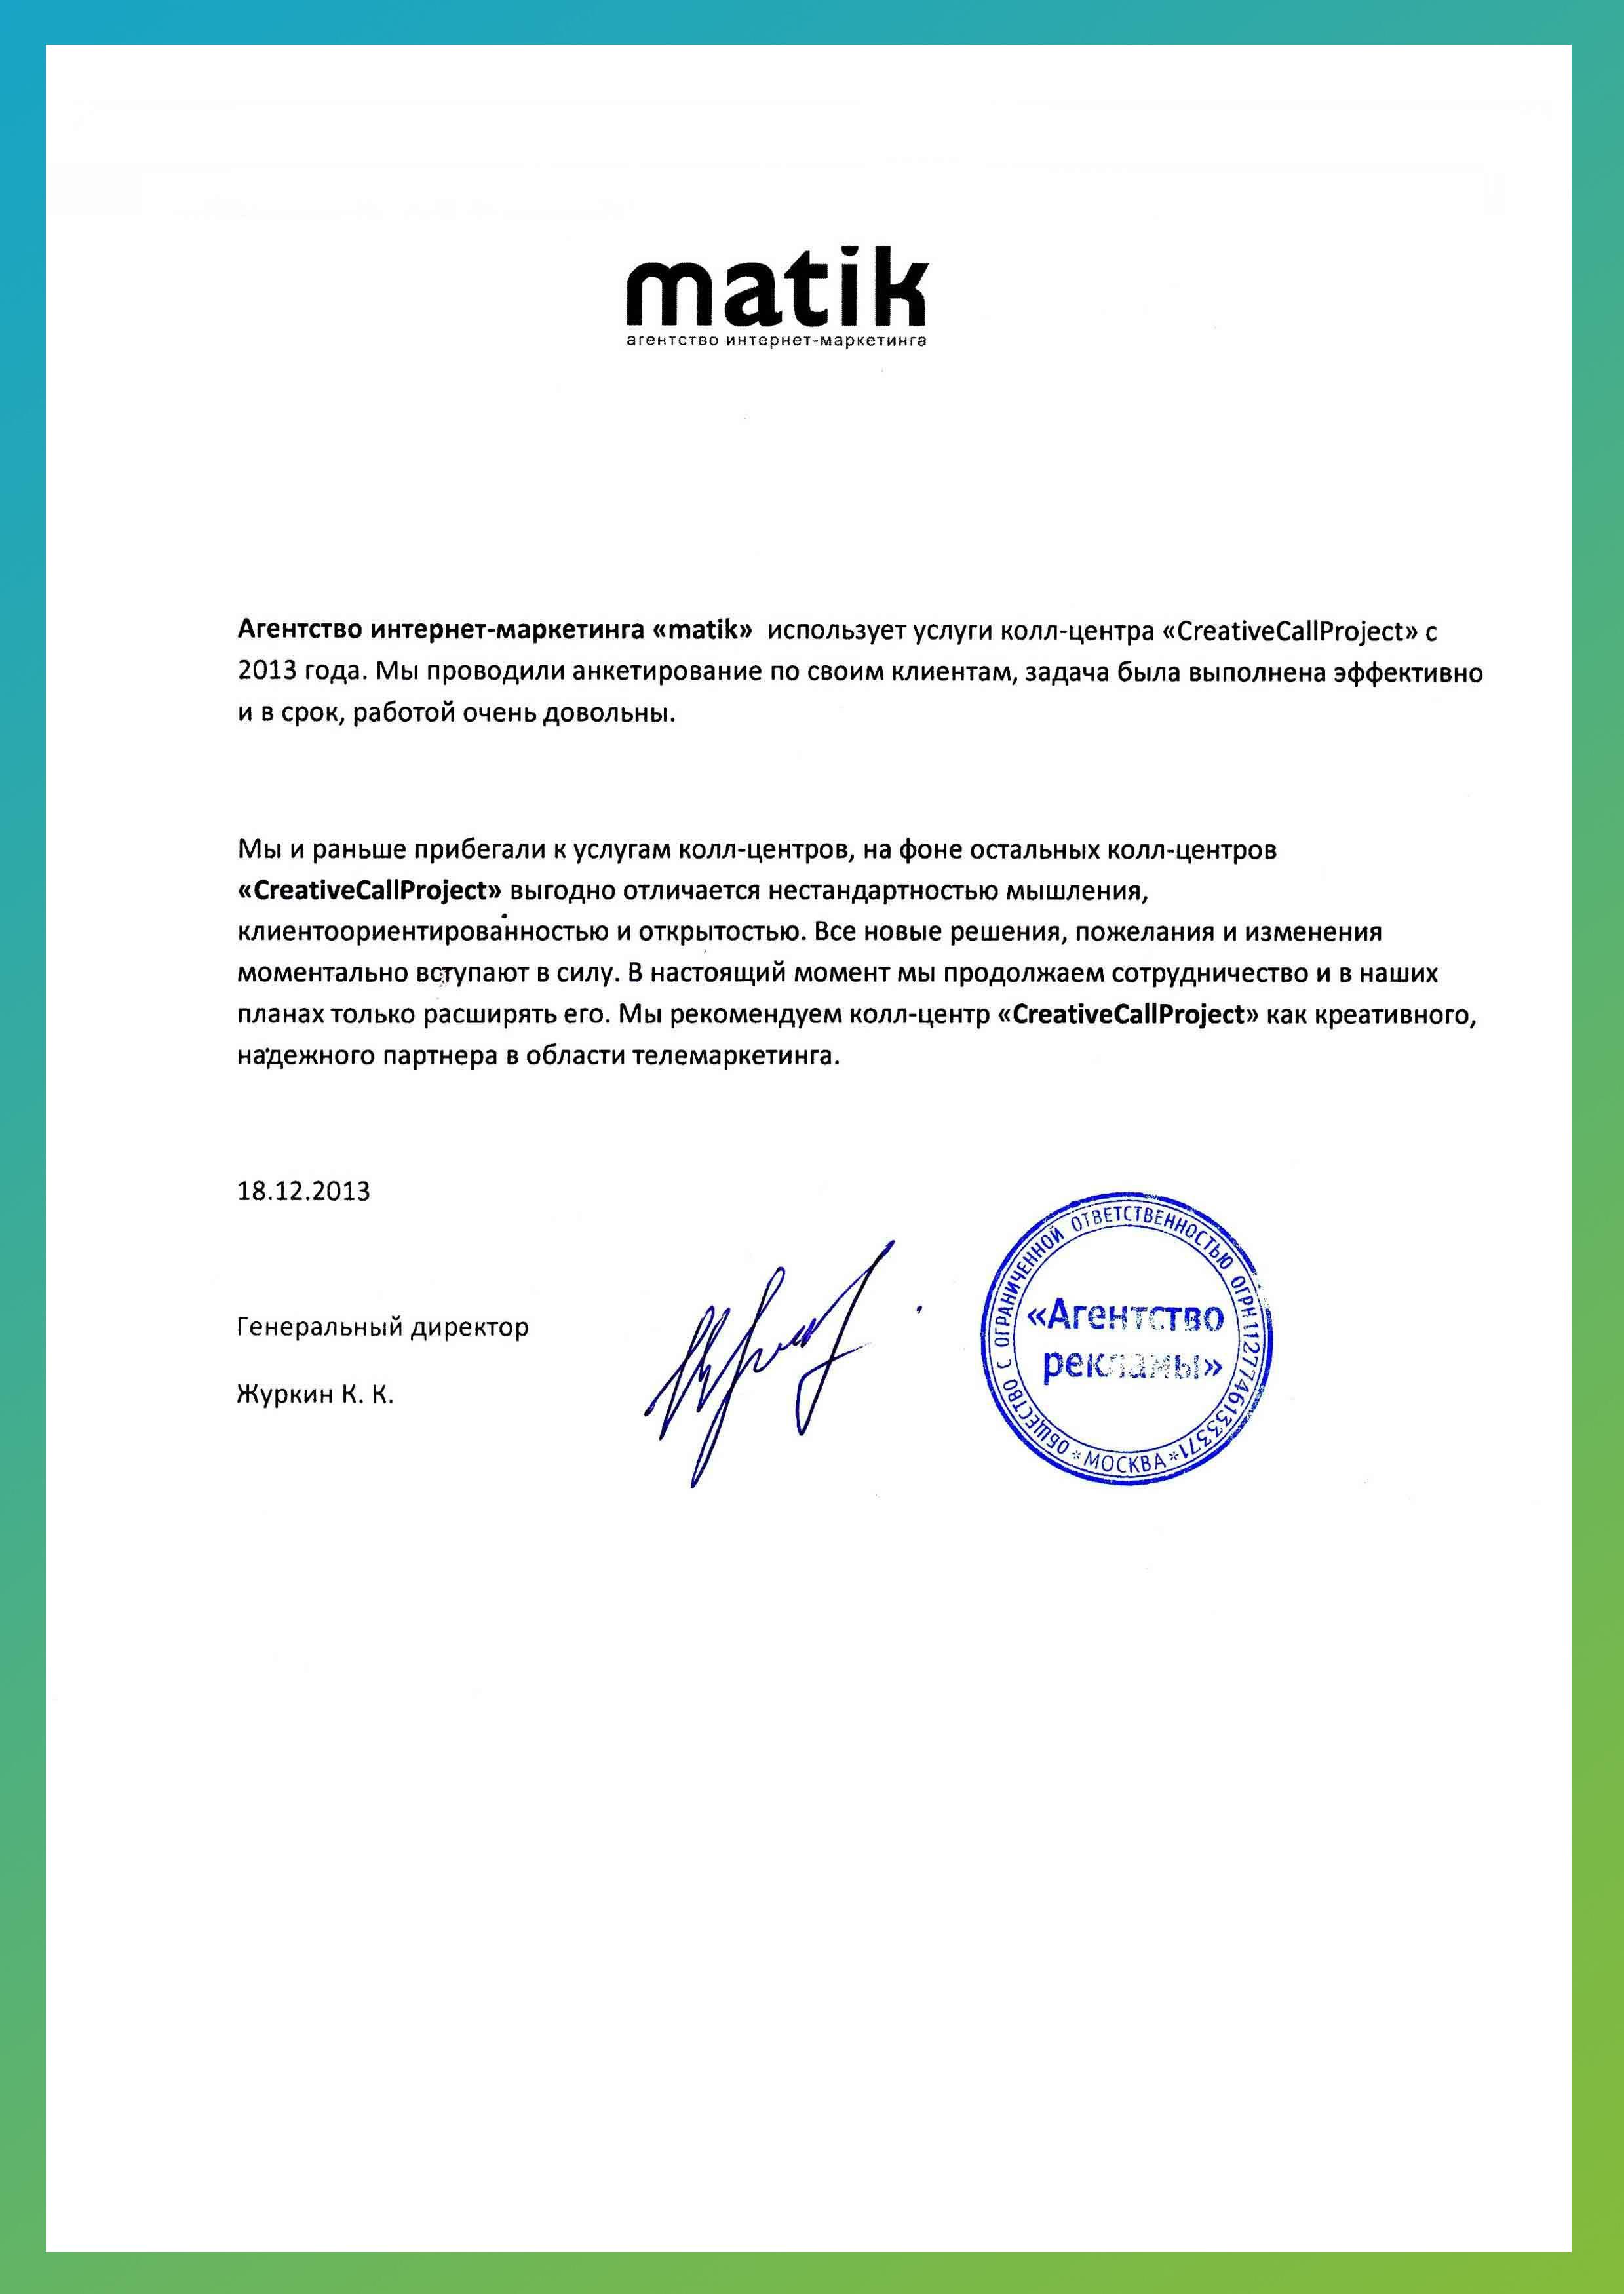 Интернет Агентство Матик, Россия